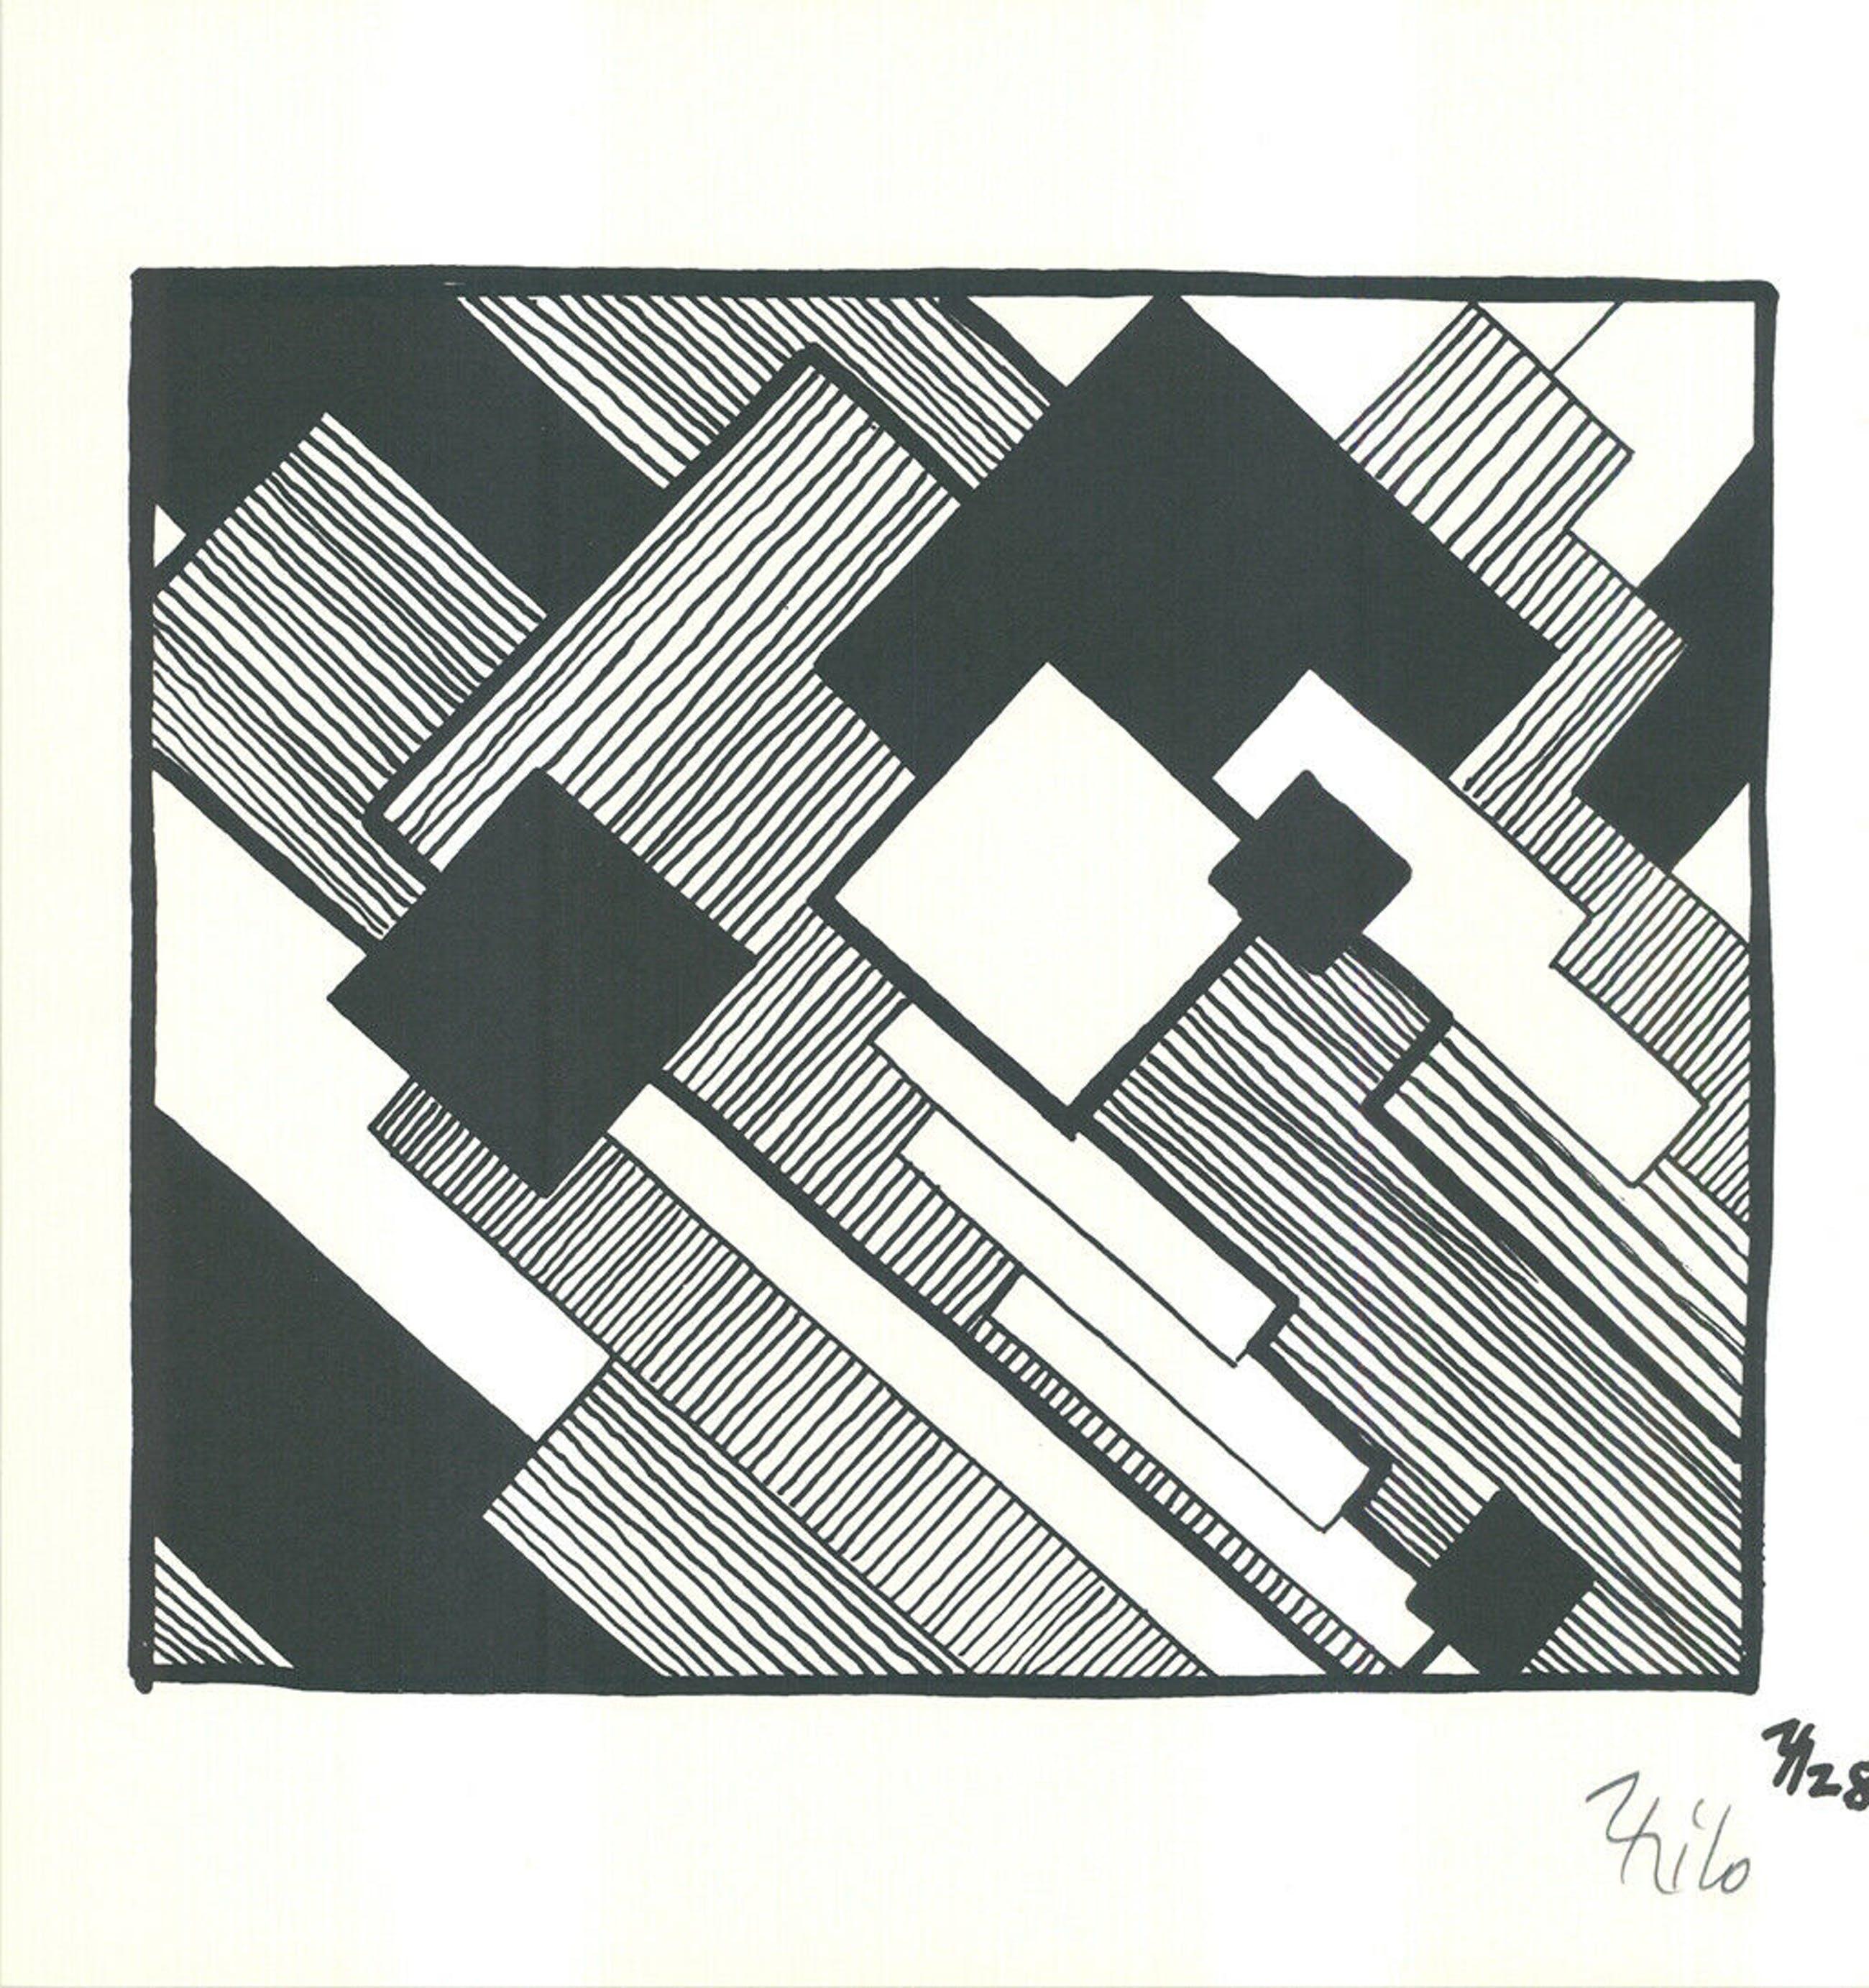 Thilo Maatsch - Handgesigneerde houtsnede: Geometrische Compositie kopen? Bied vanaf 25!